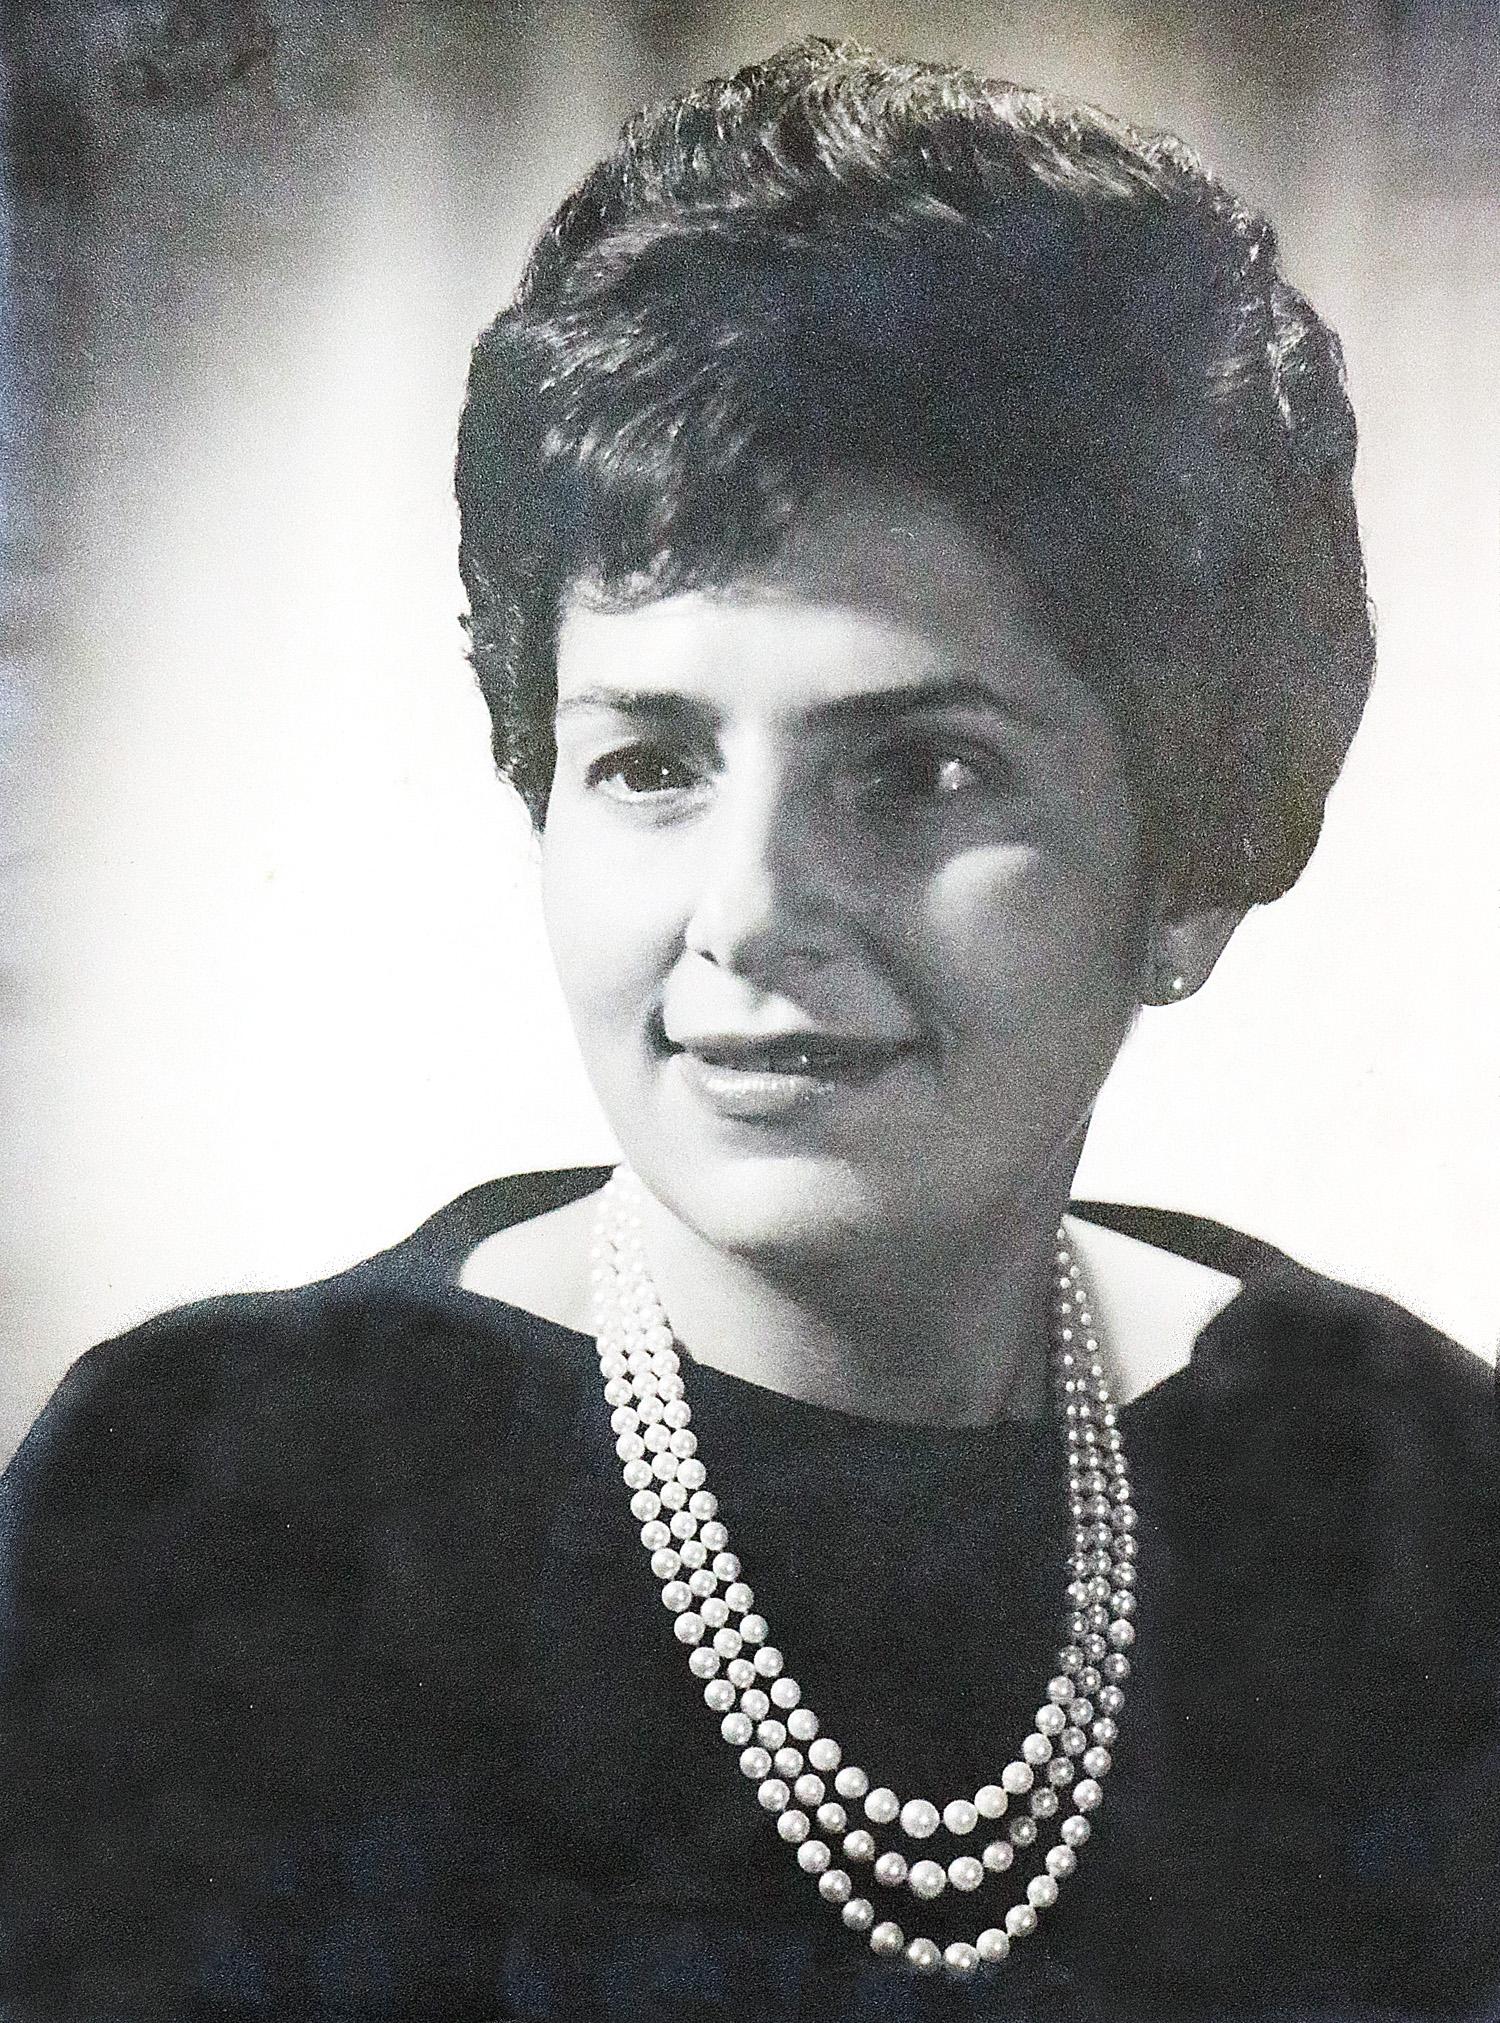 Foto em close em preto e branco de Dorina sorrindo, olhando para o lado. Ela usa roupa preta e colar de pérolas.